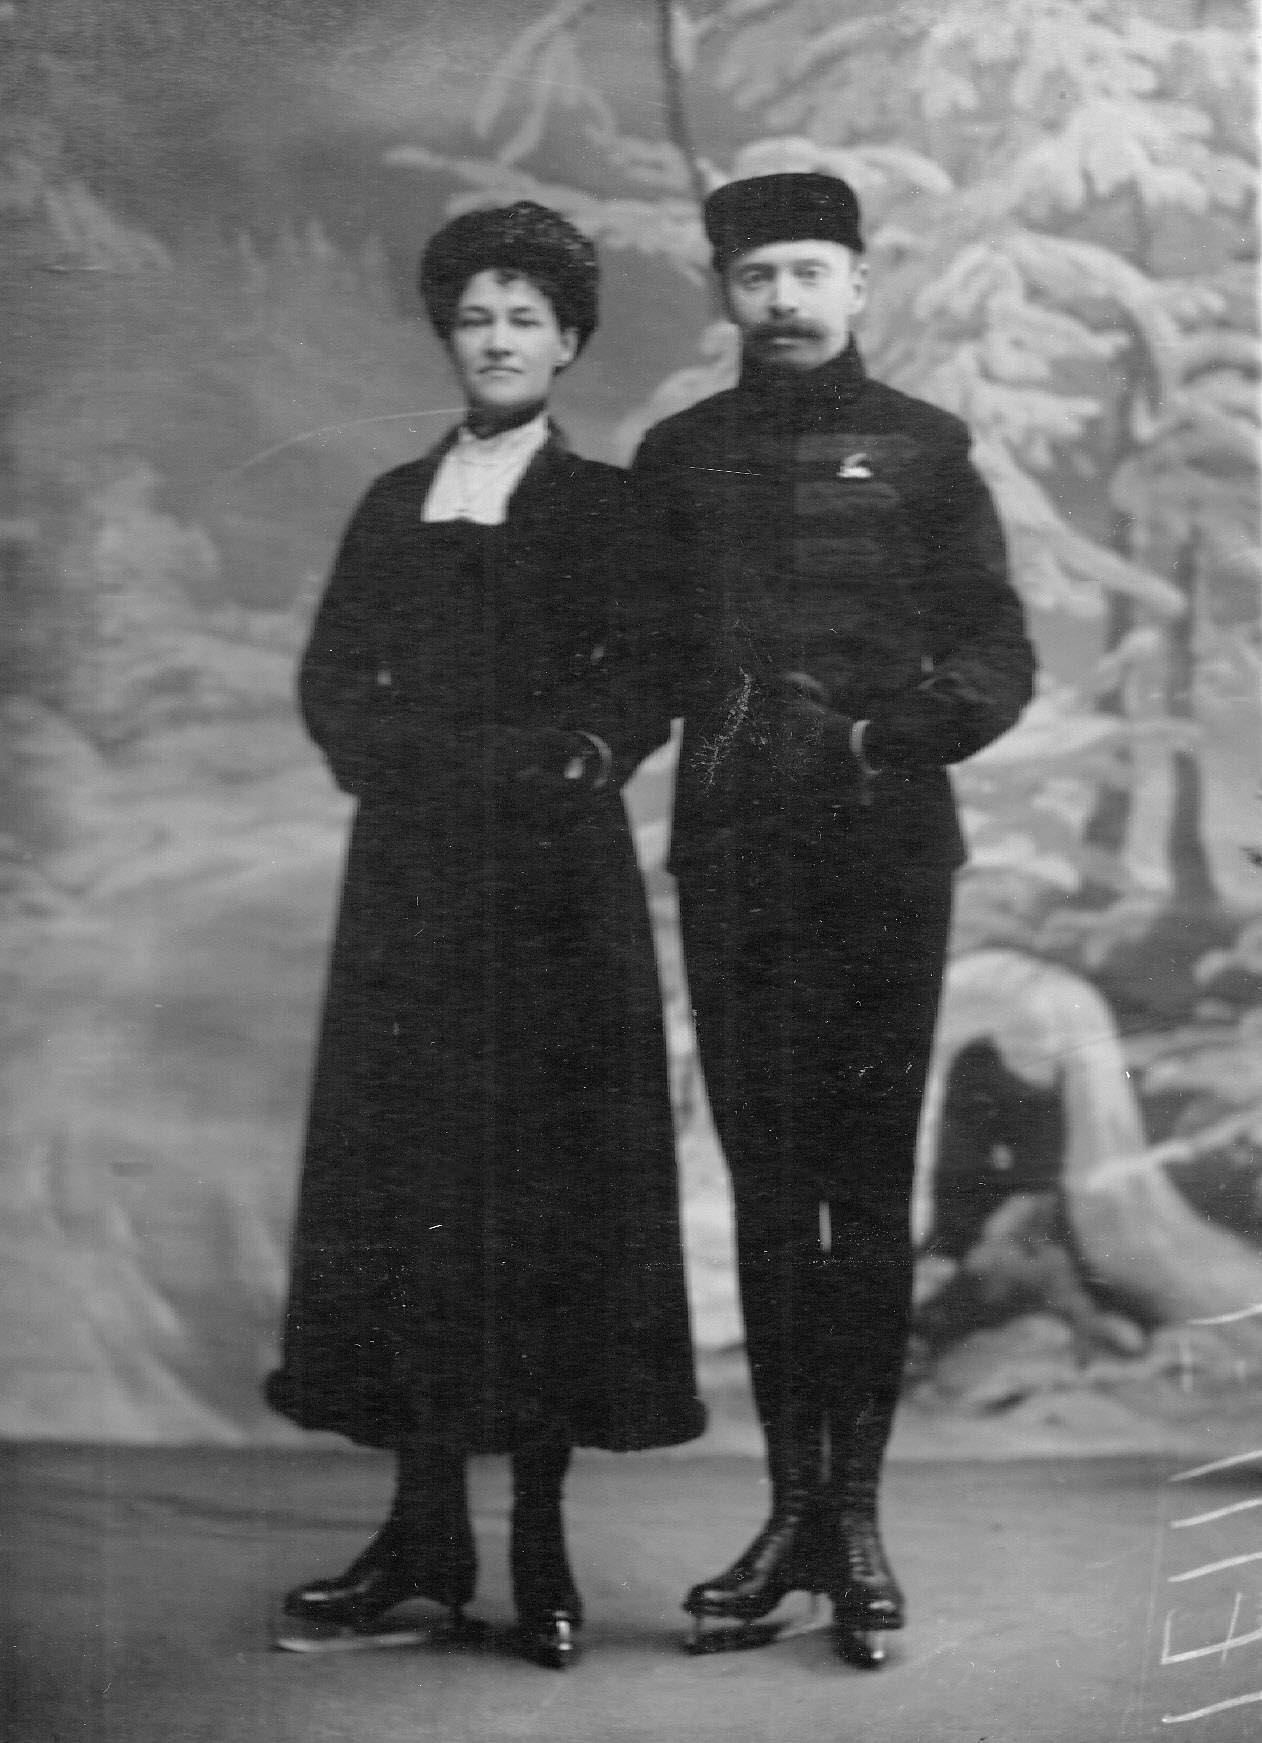 Чемпионы по фигурному катанию Л.Попова и А.Фишер. 1908